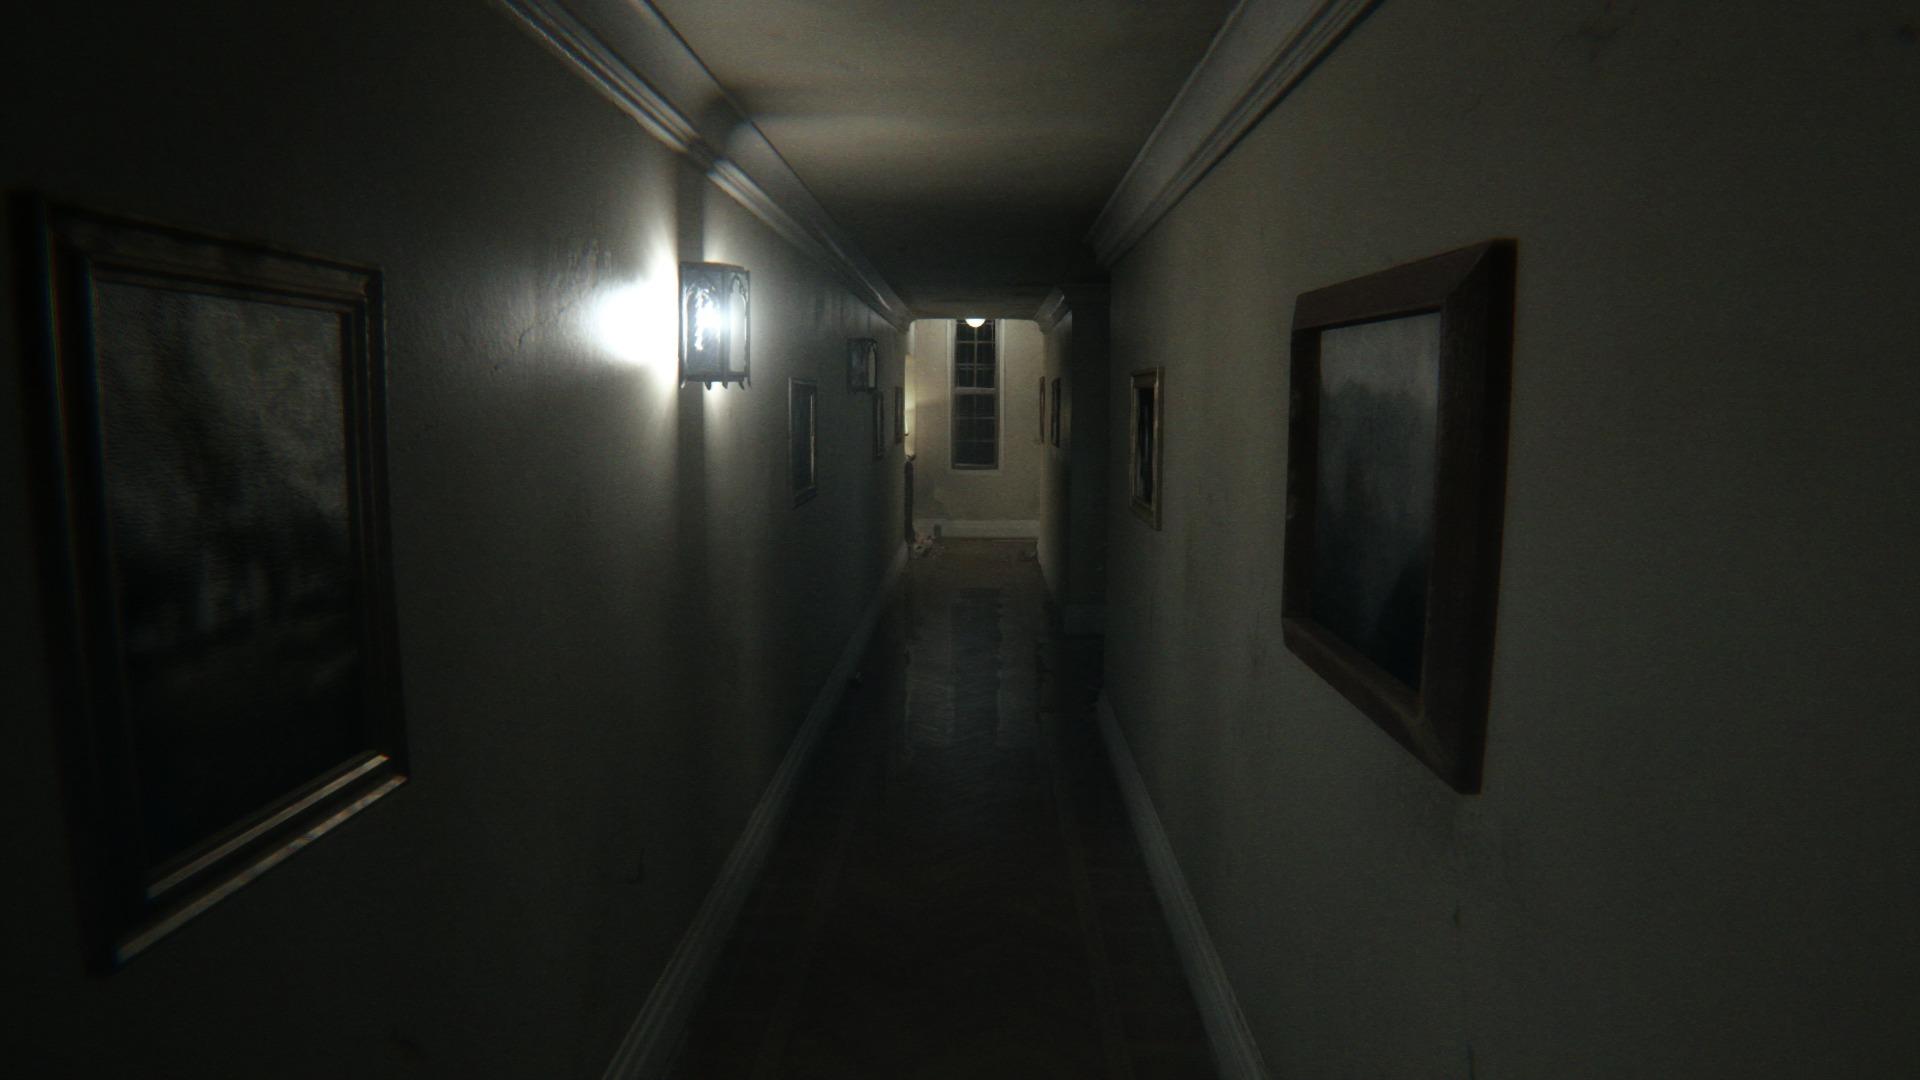 ...walk, turn, walk, open the door...